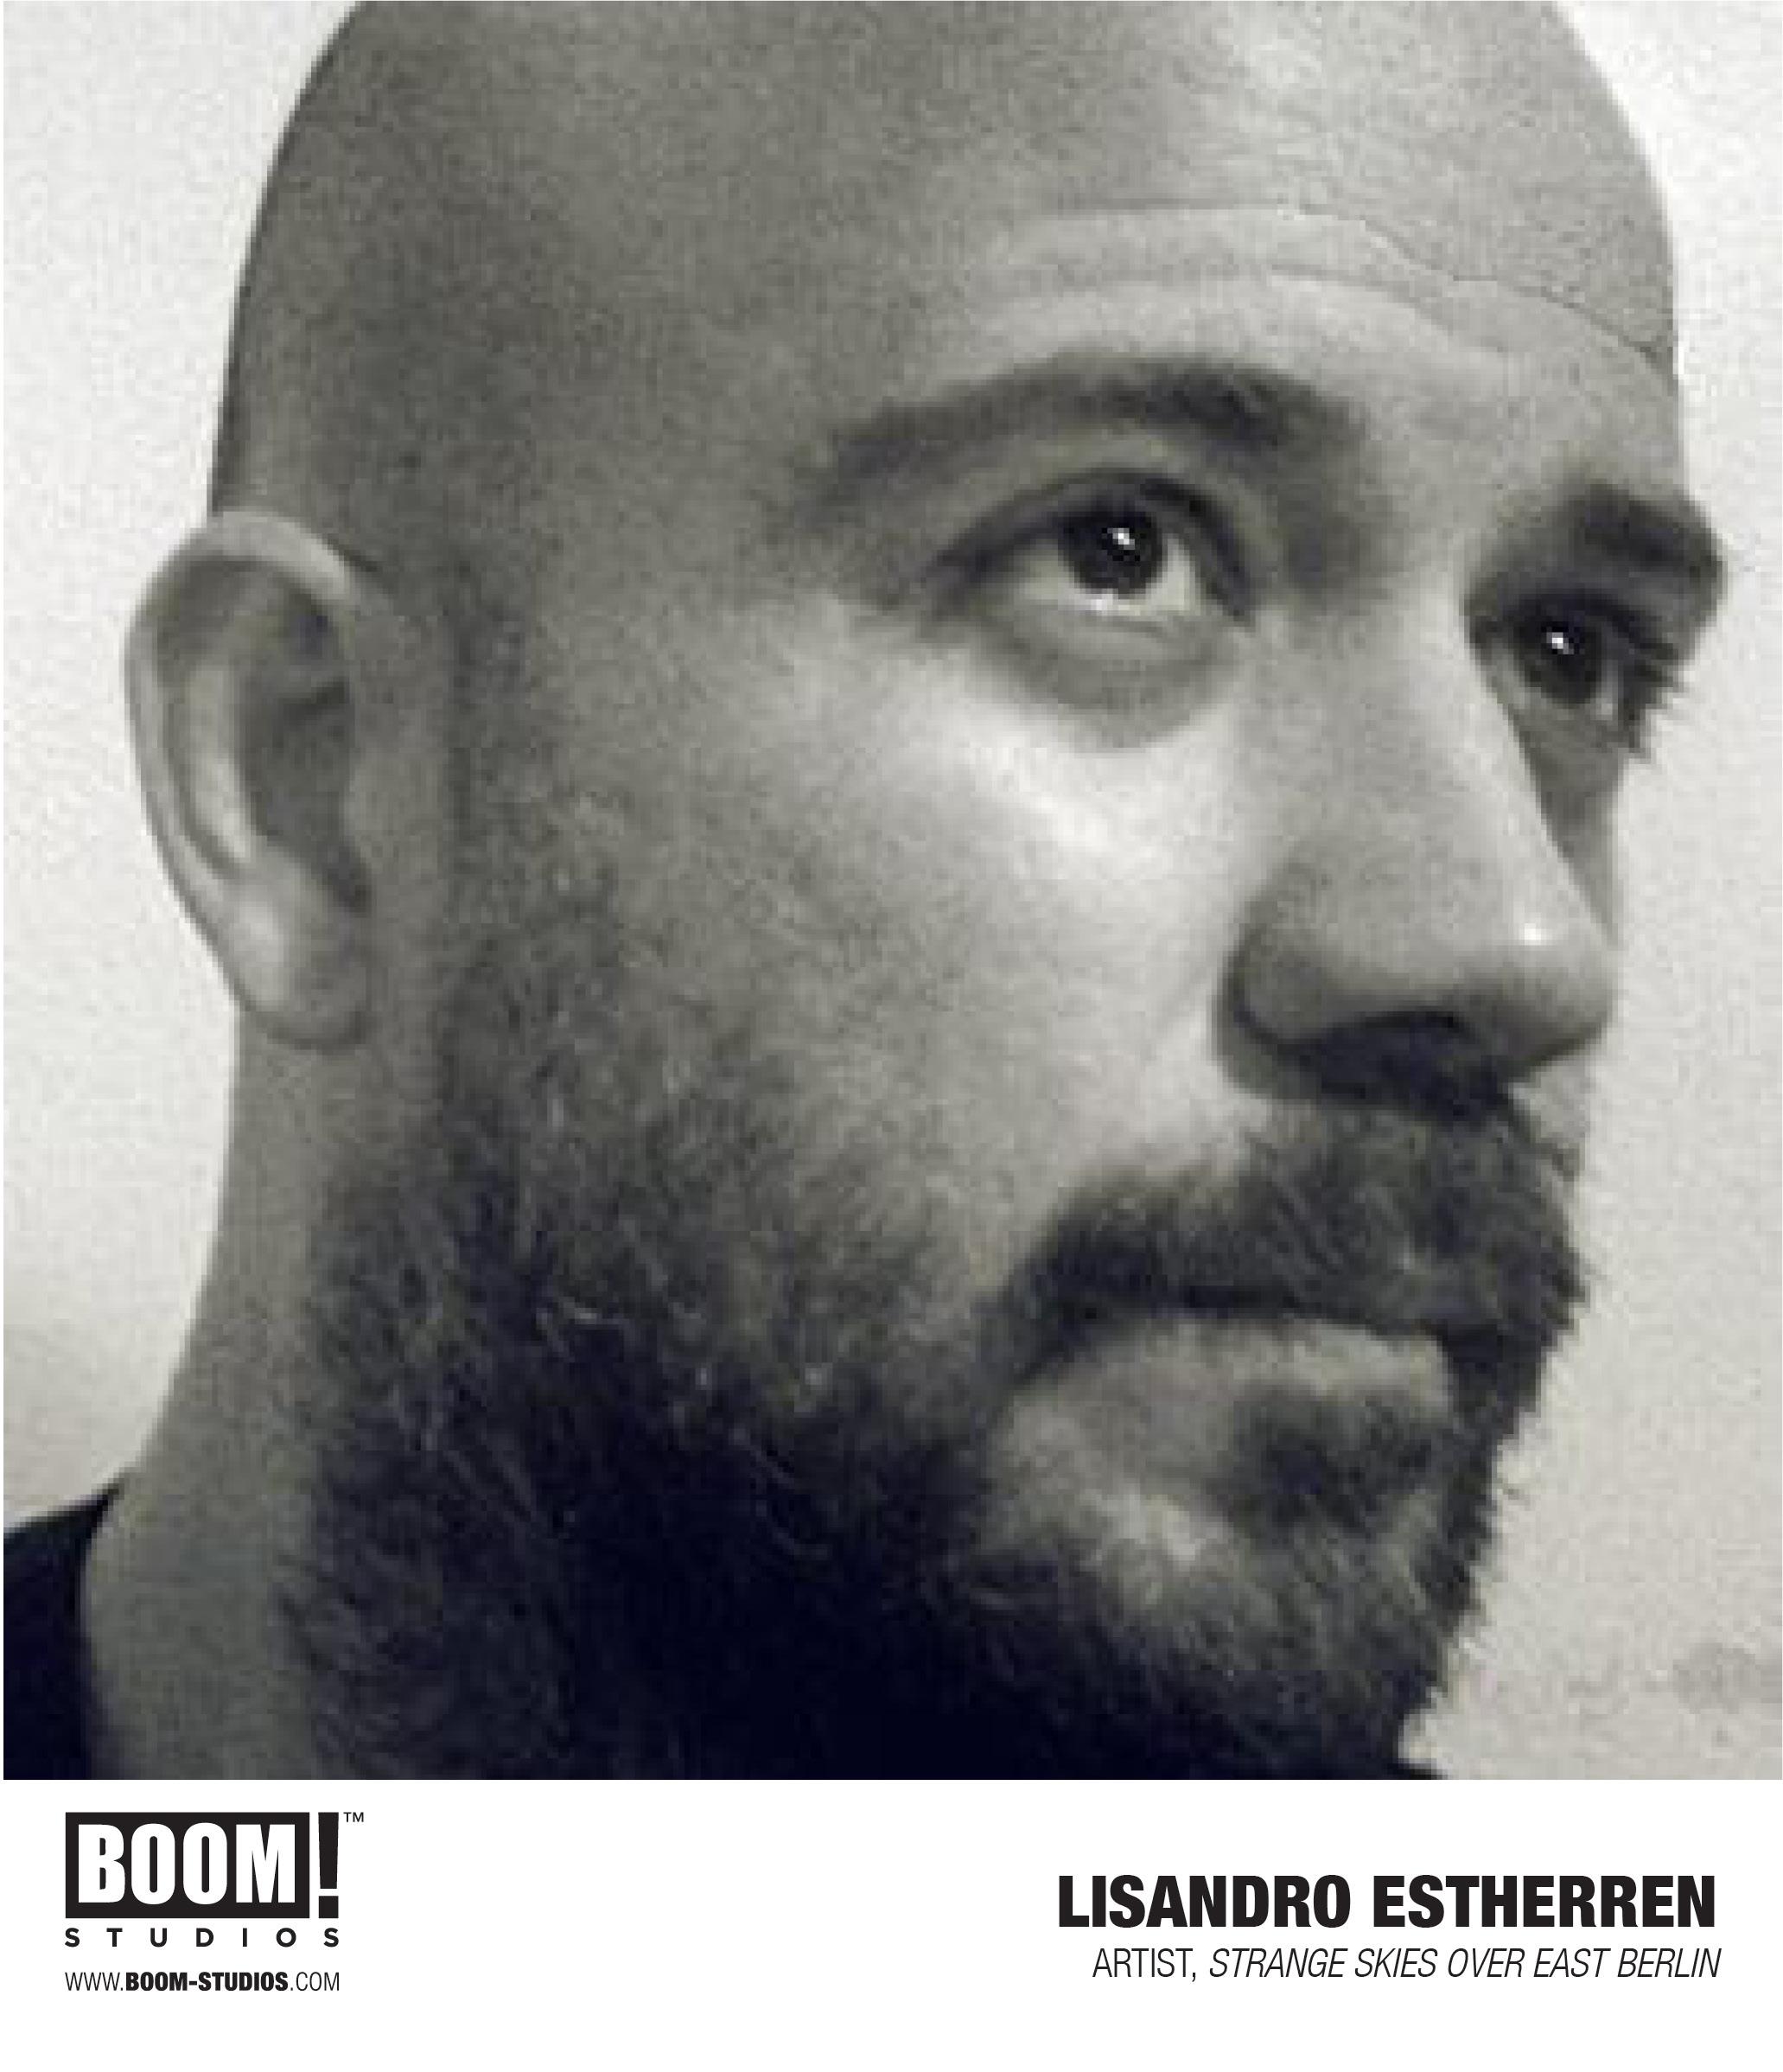 LisandroEstherren_Headshot_Promo.jpg